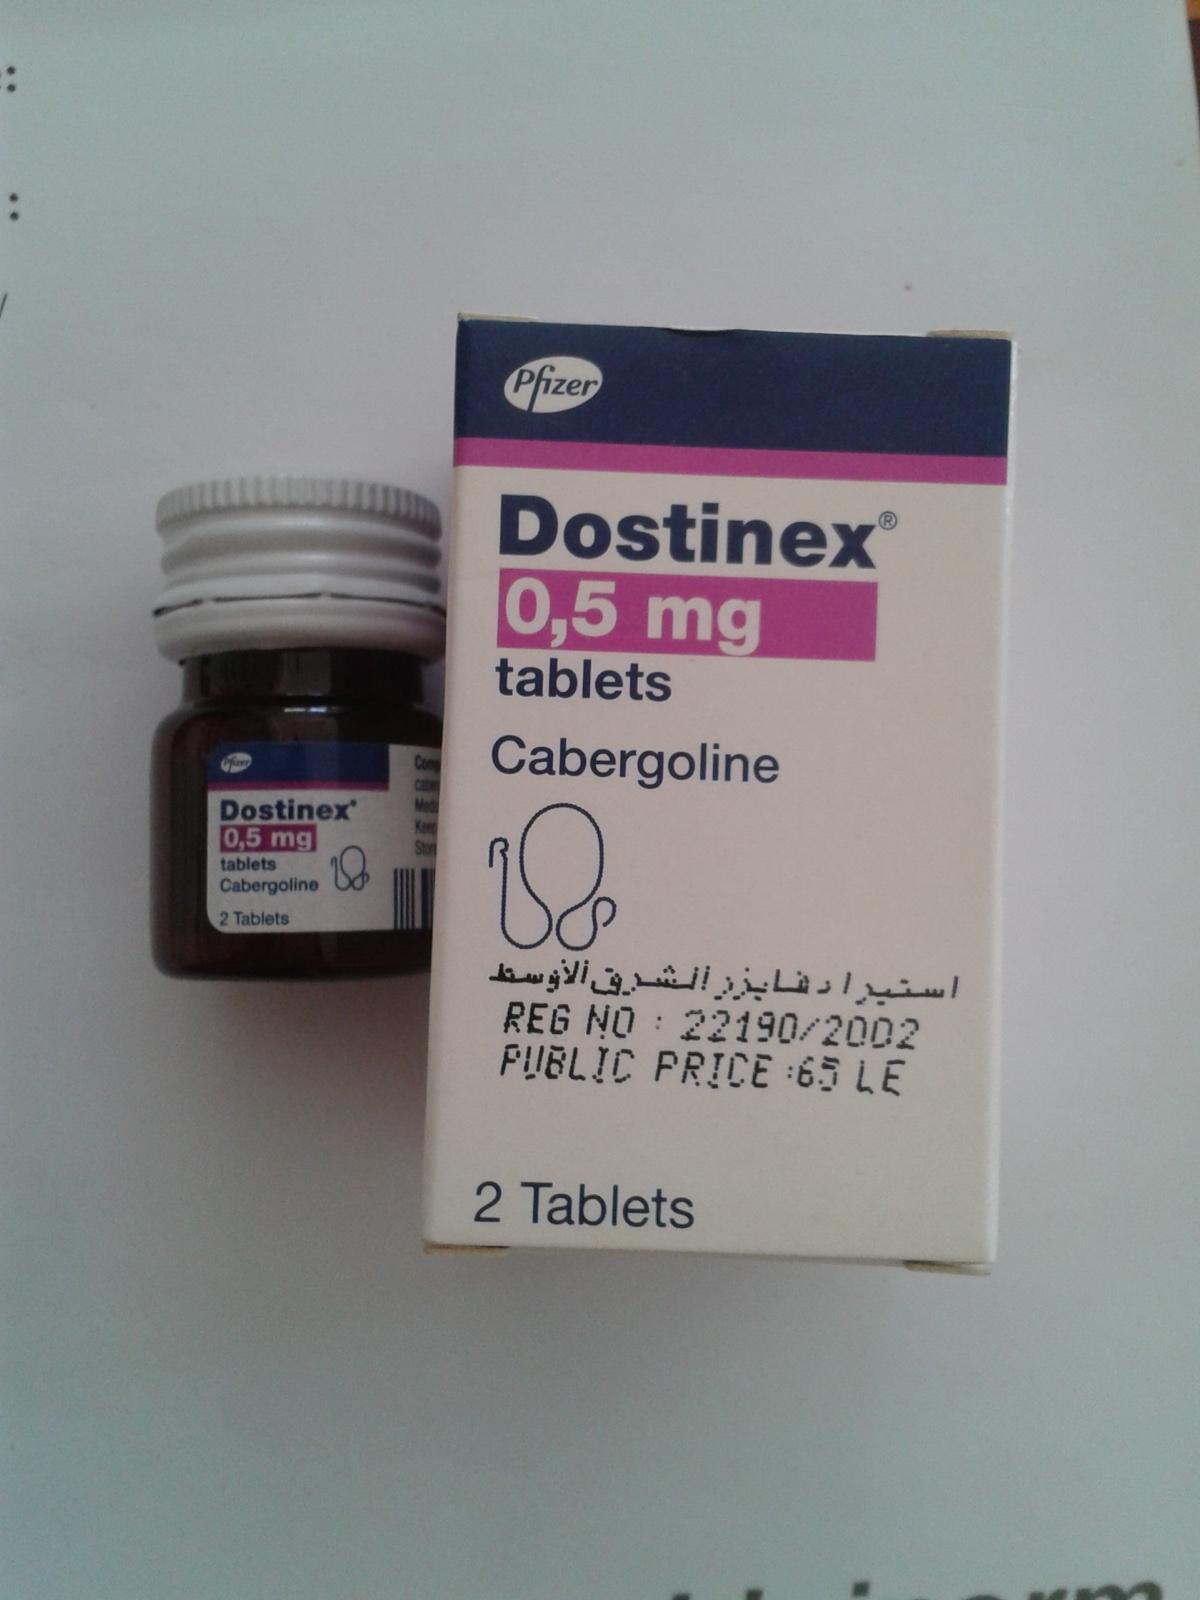 دوستينيكس 0.5 مجم أقراص® Dosinex - موقع أدوية الرضع و الأطفال